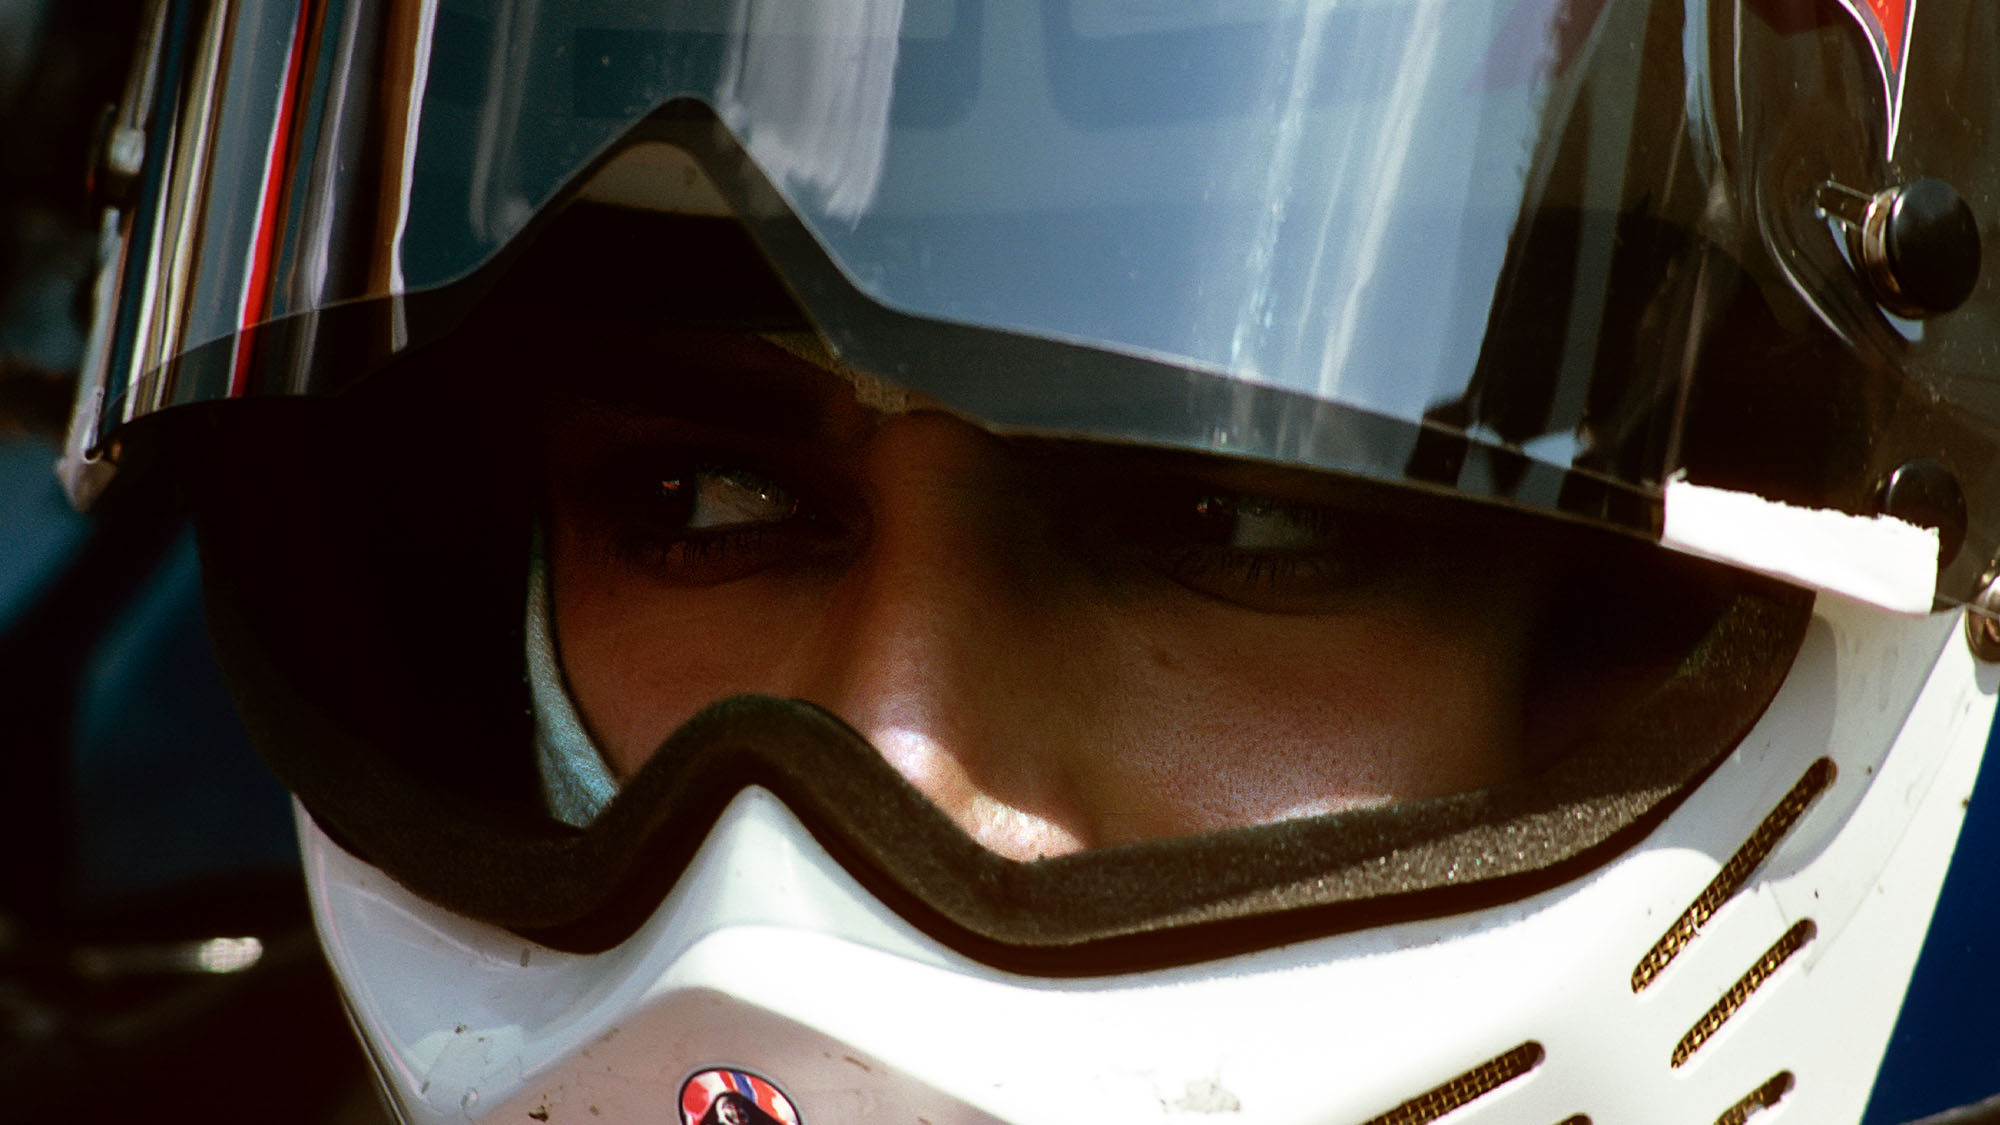 Elio de Angelis, Grand Prix of Monaco, Circuit de Monaco, Monaco, May 18, 1980. (Photo by Paul-Henri Cahier/Getty Images)